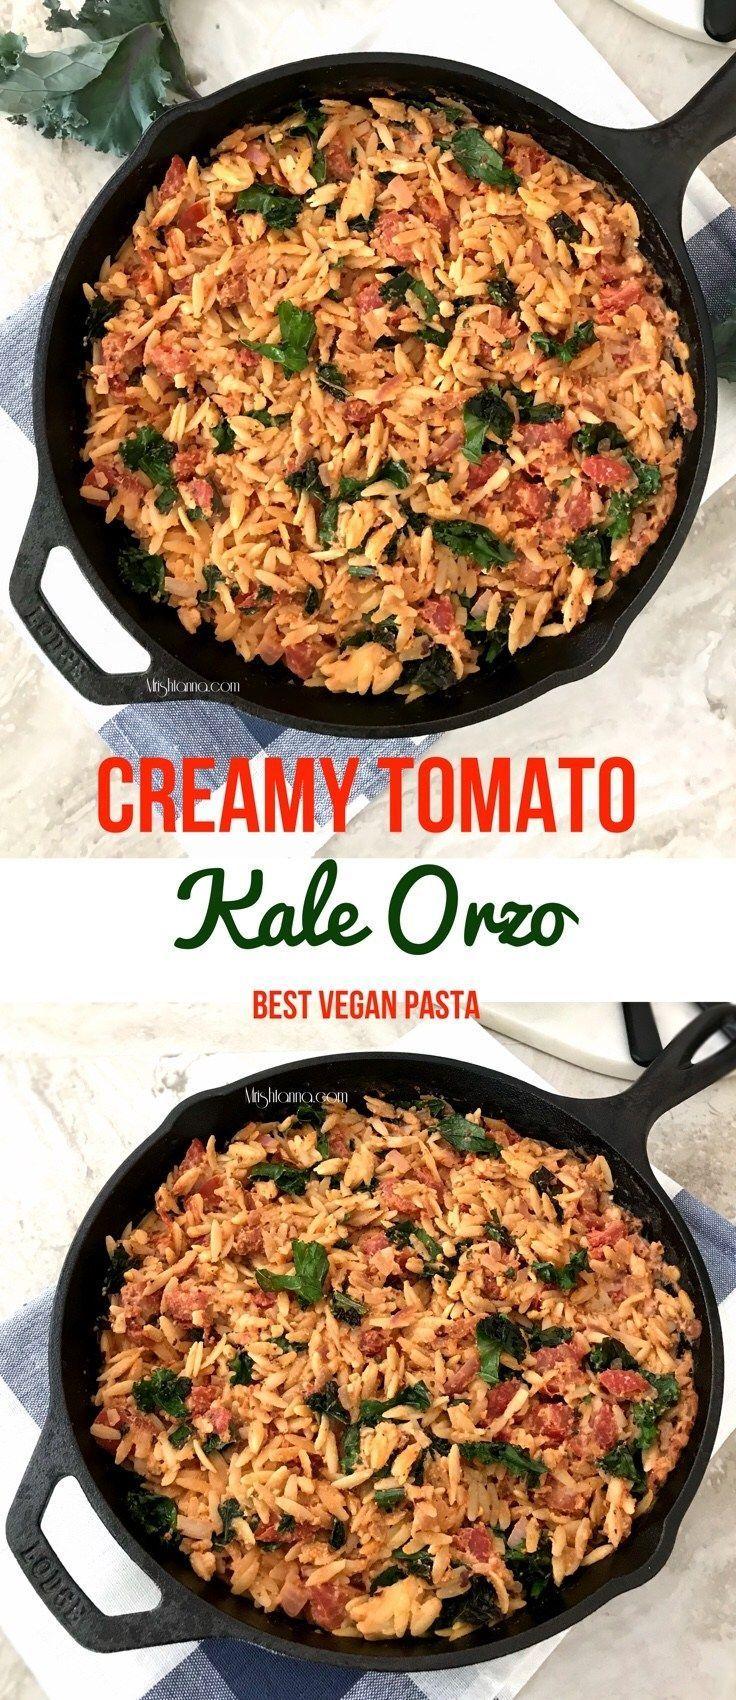 Creamy Tomato Kale Orzo